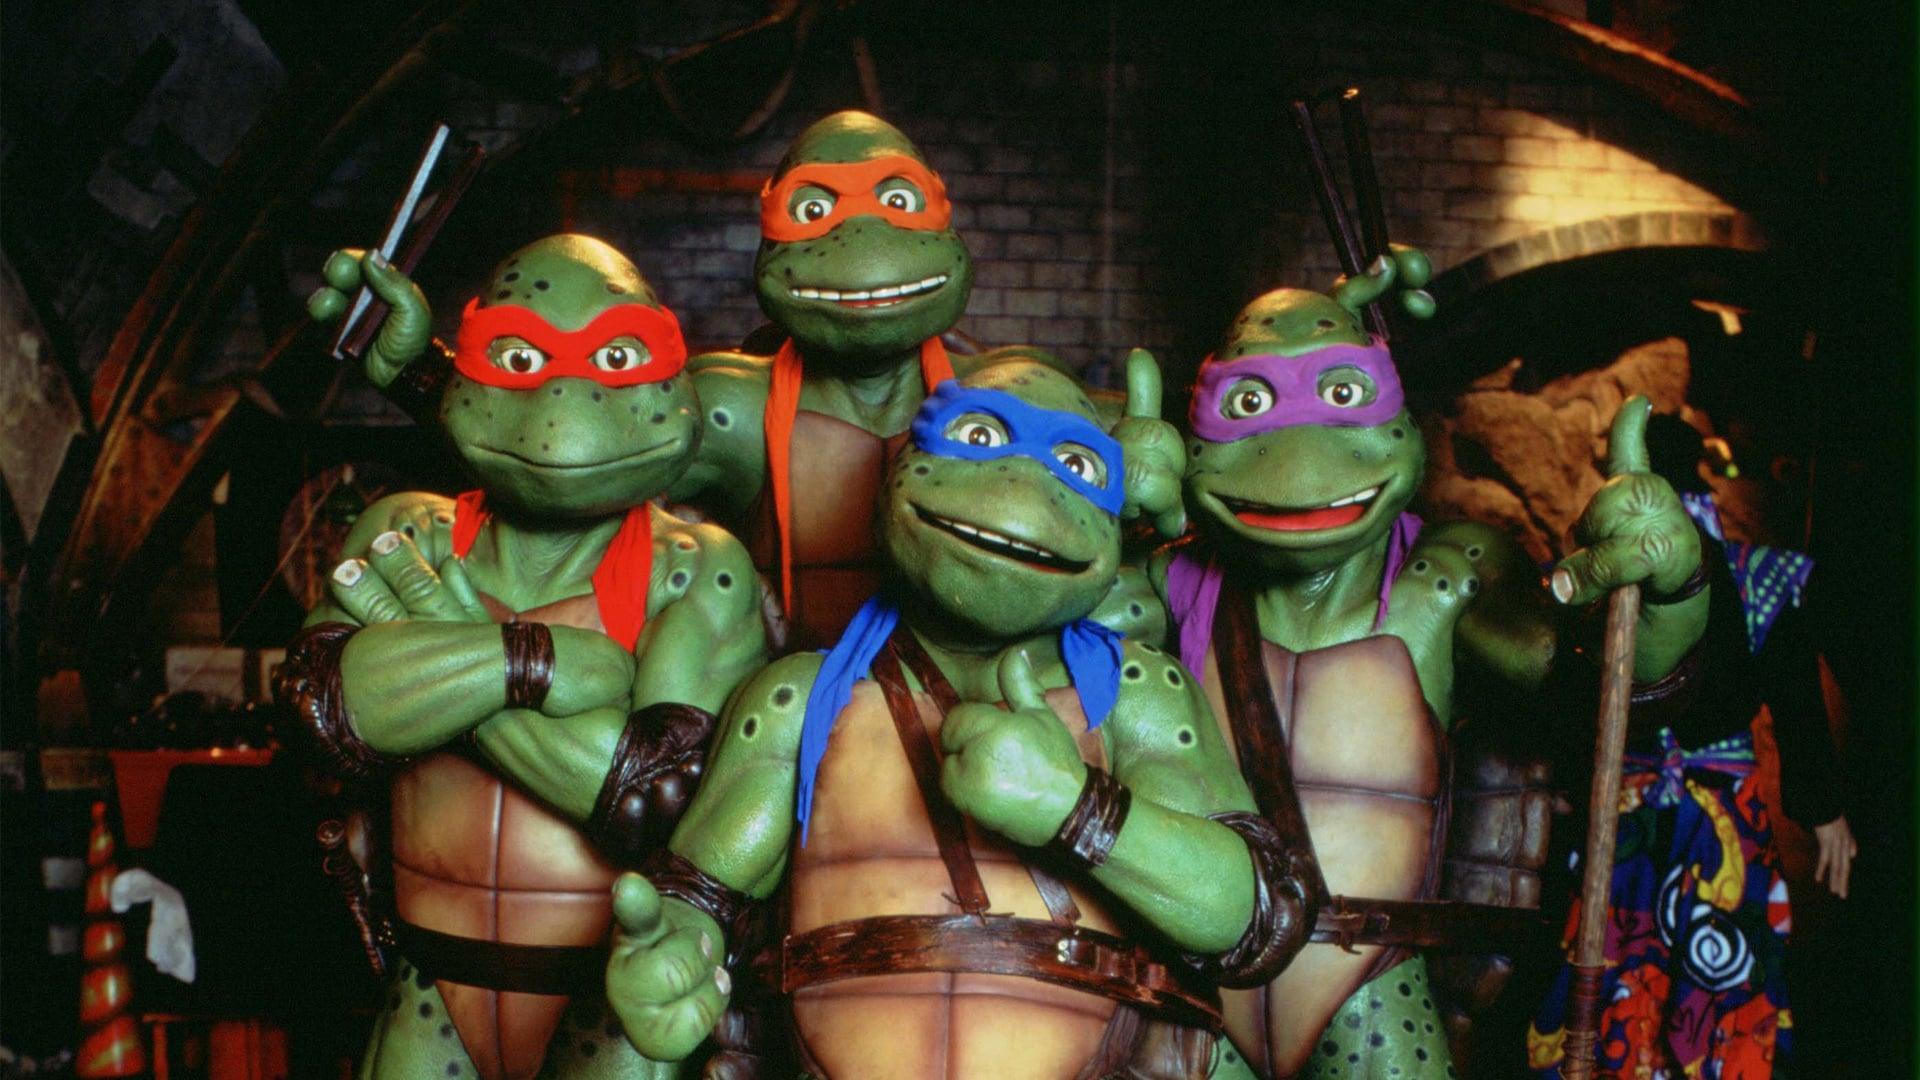 Teenage Mutant Ninja Turtles (1990 film)